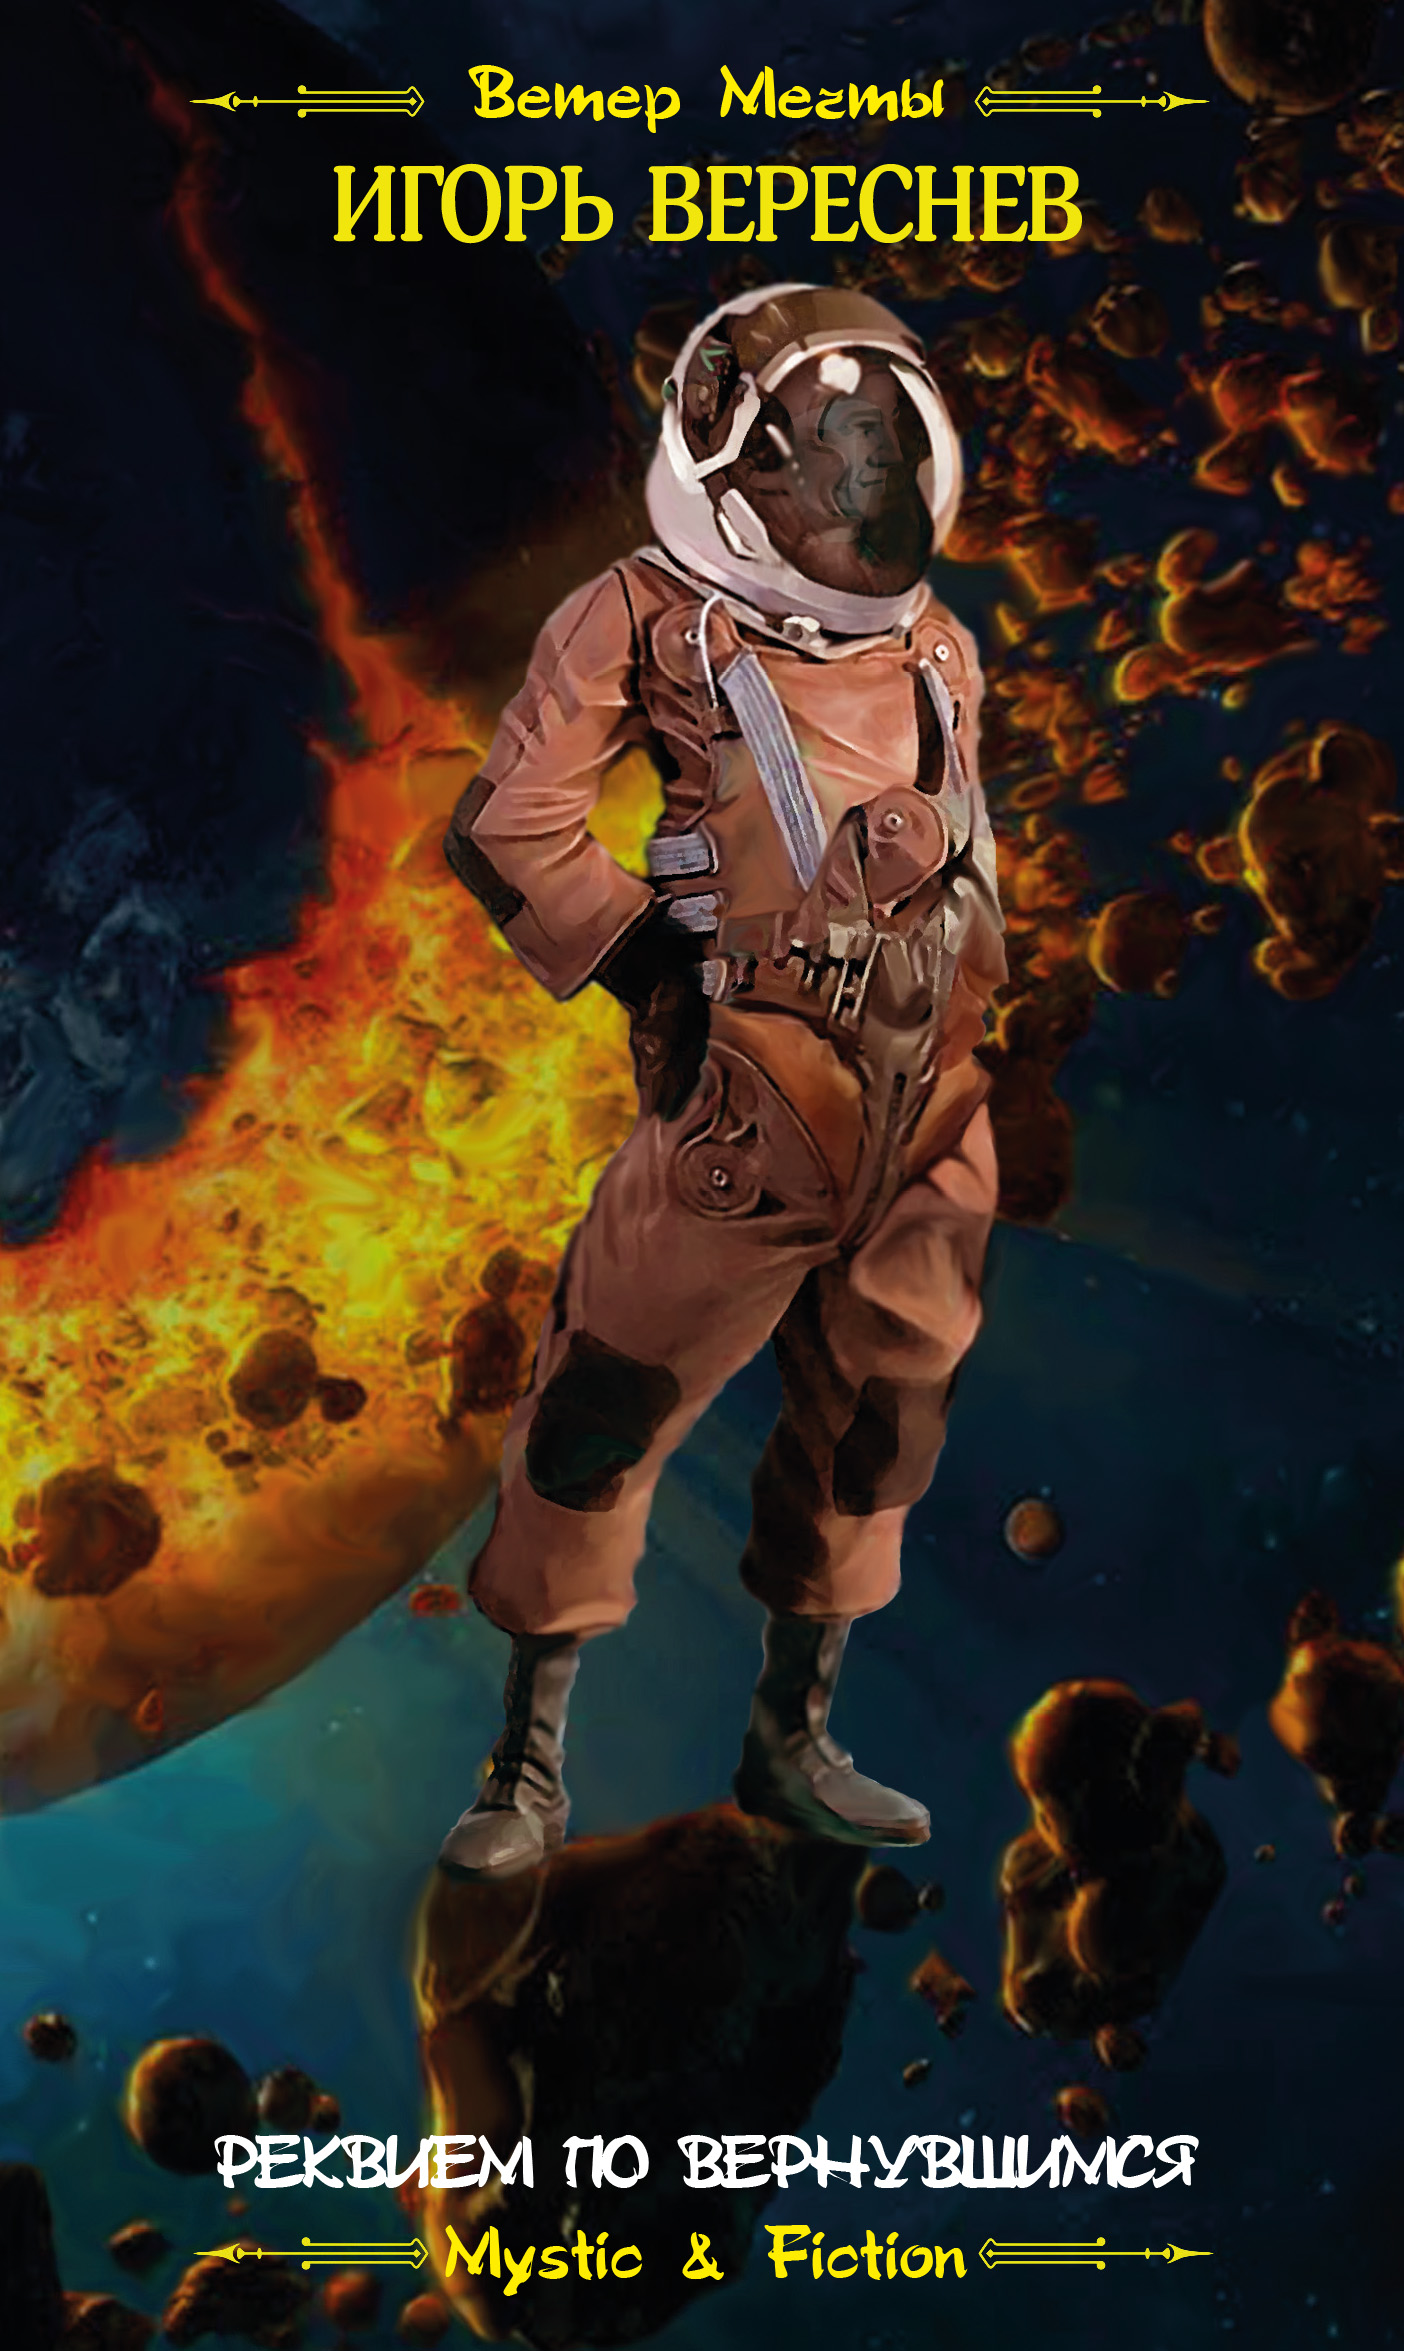 Игорь Вереснев Реквием по вернувшимся оськин борис васильевич архитектура пространства обитания человечества на планете земля